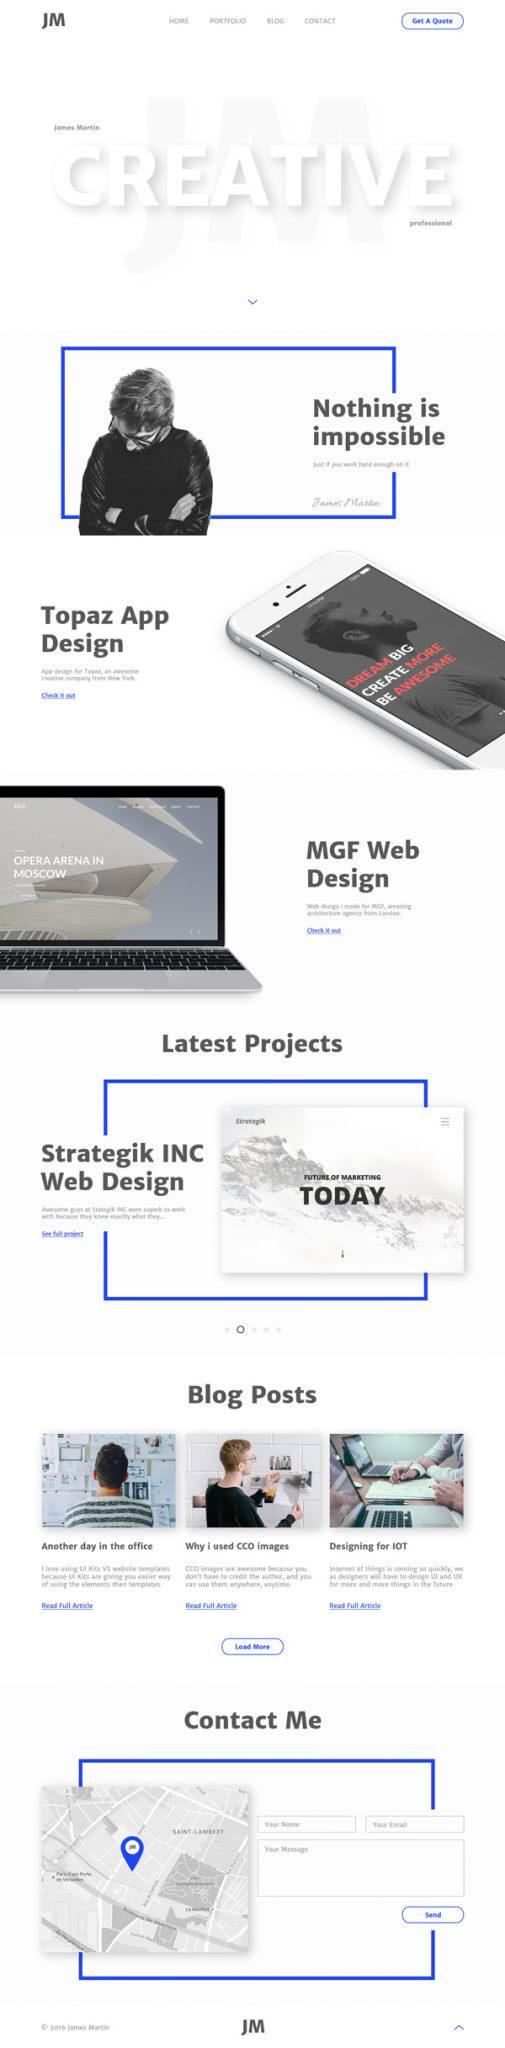 portfólio html de graça